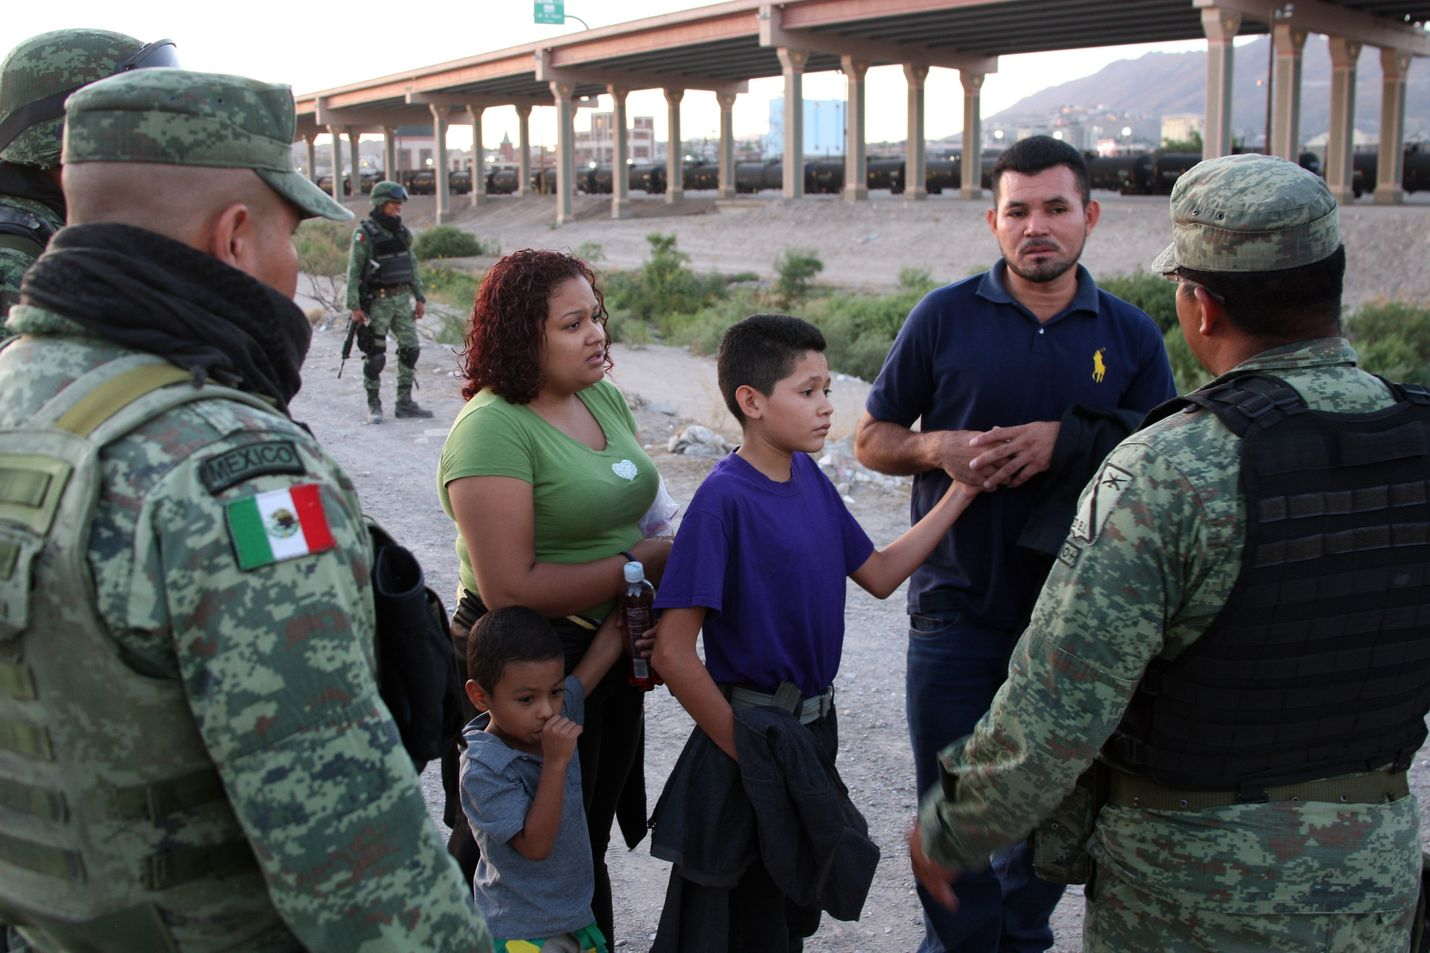 Meksikolaiset poliisit yrittivät suostutella siirtolaisperhettä olemaan ylittämättä Rio Grande -jokea Yhdysvaltain puolelle Ciudad Juarezissa viime viikolla.